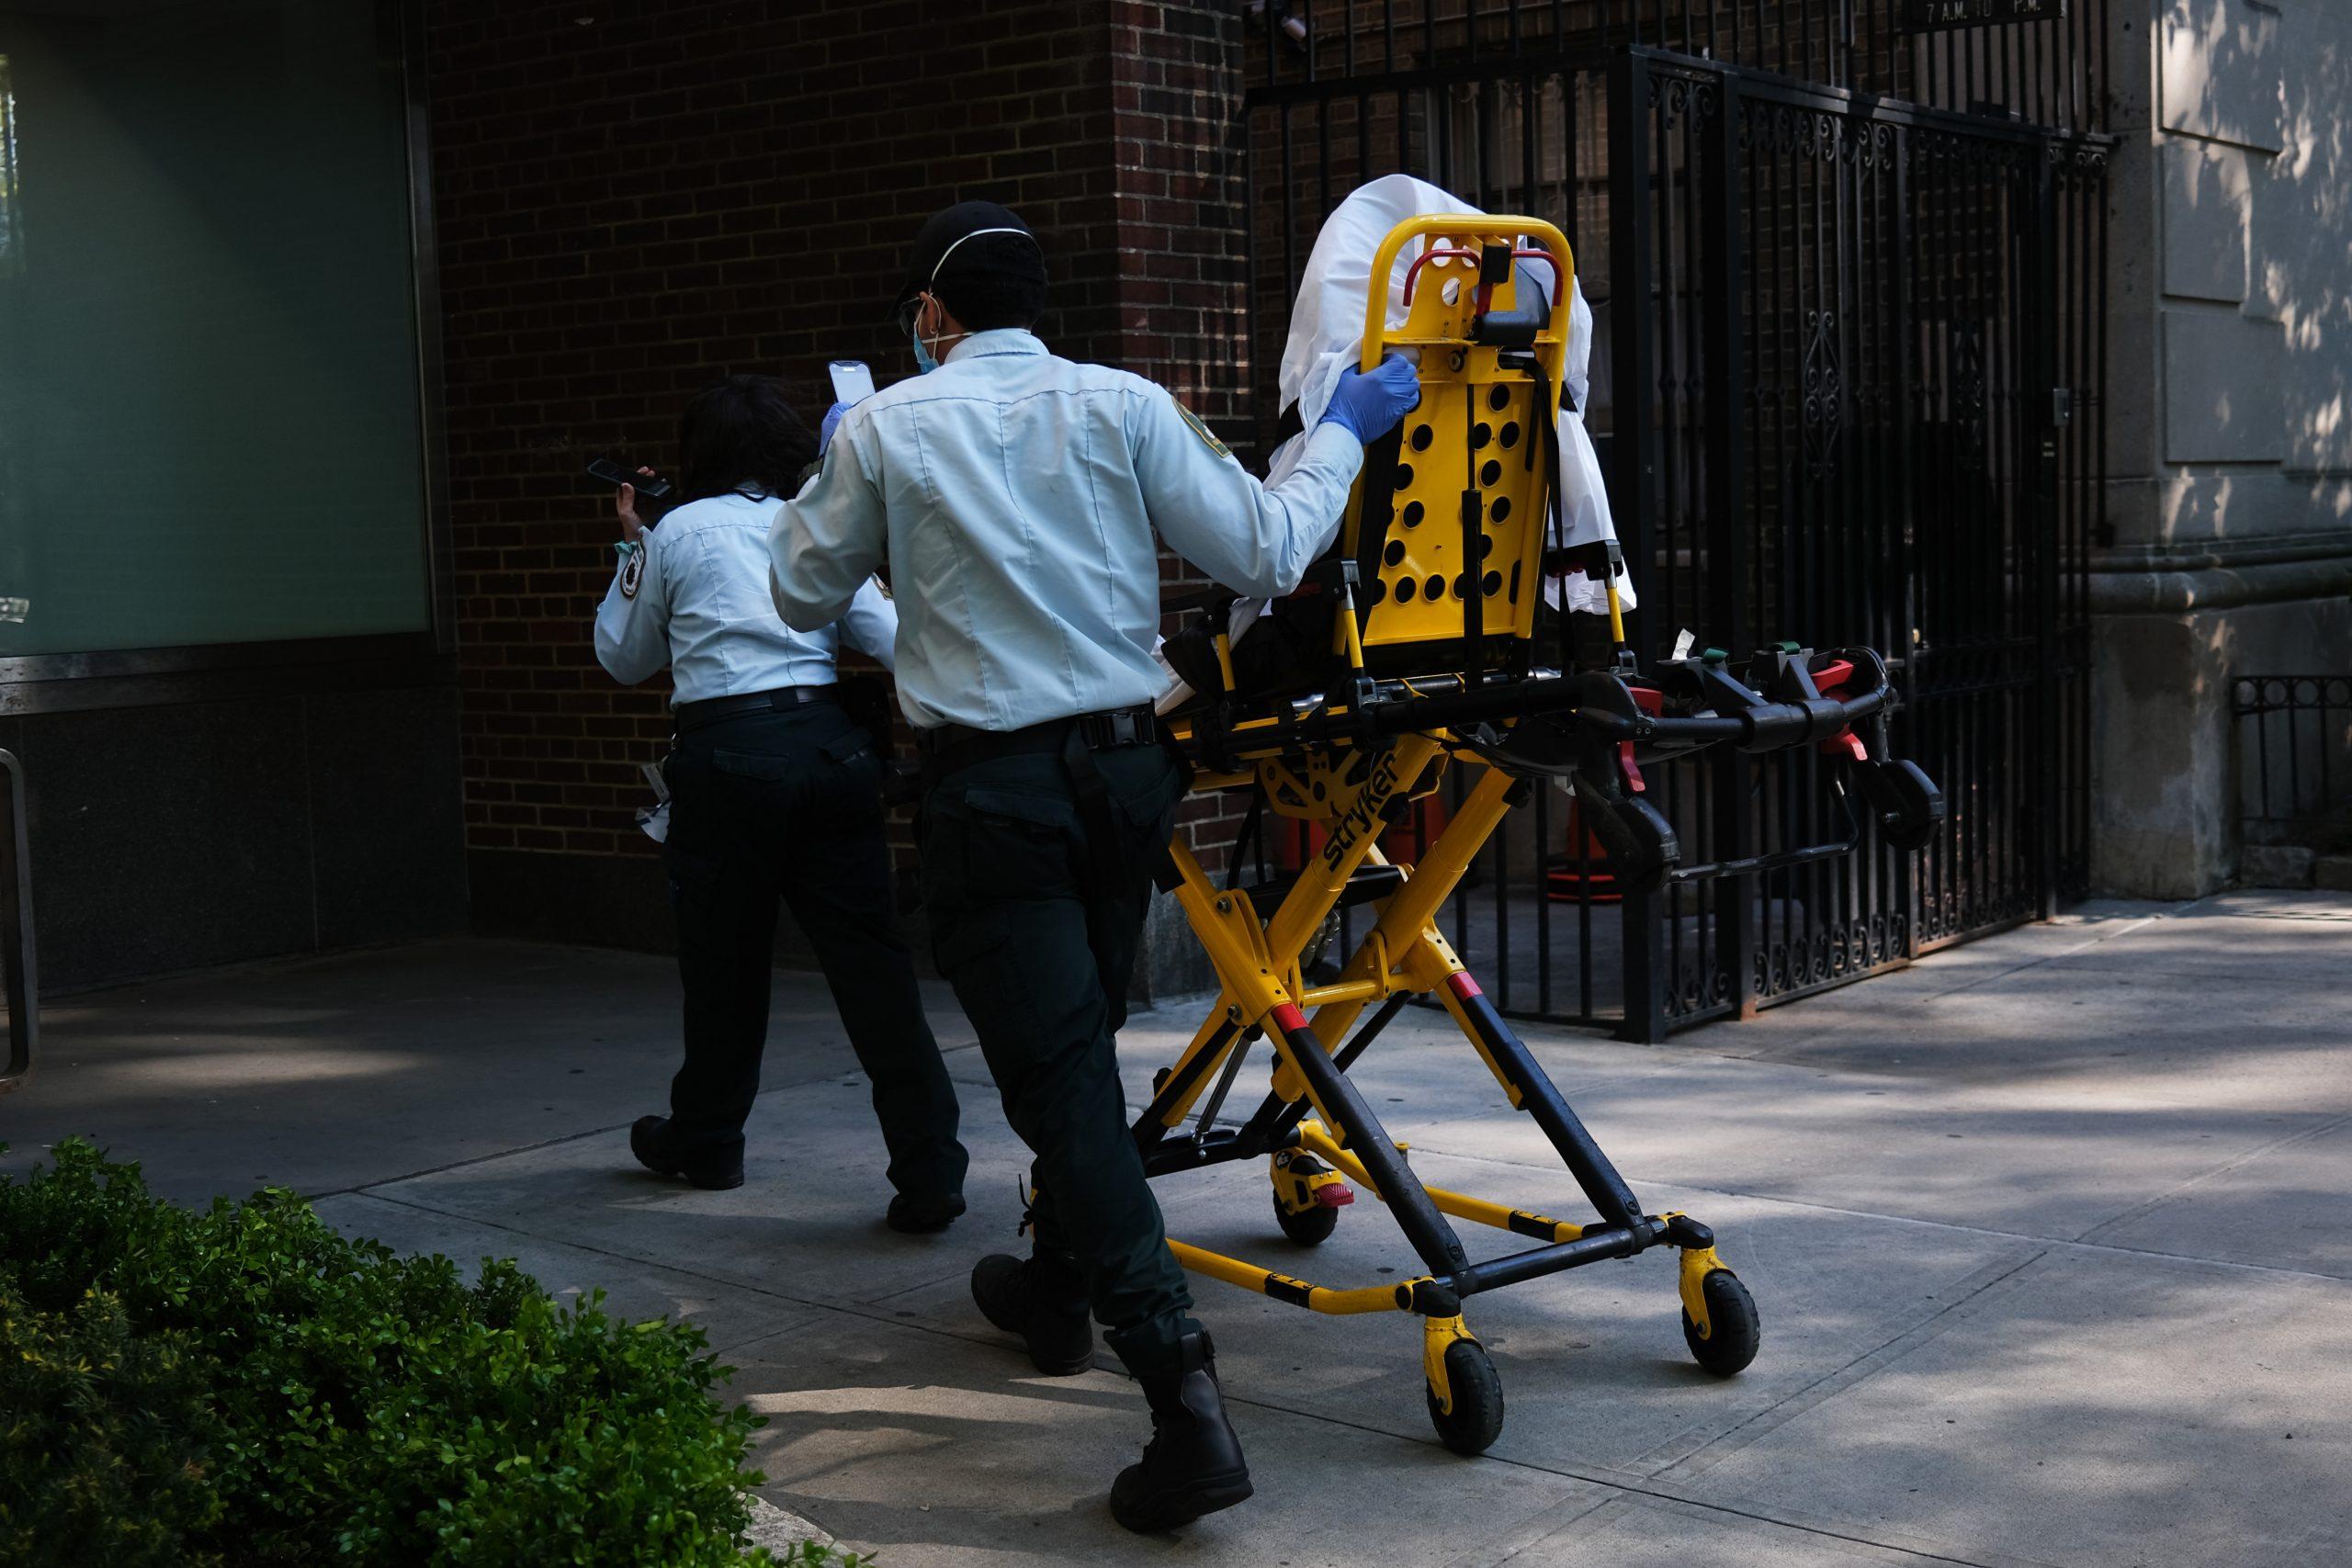 新型コロナで31日間昏睡状態…米国の76歳男性が奇跡の回復、退院し歩行も可能に